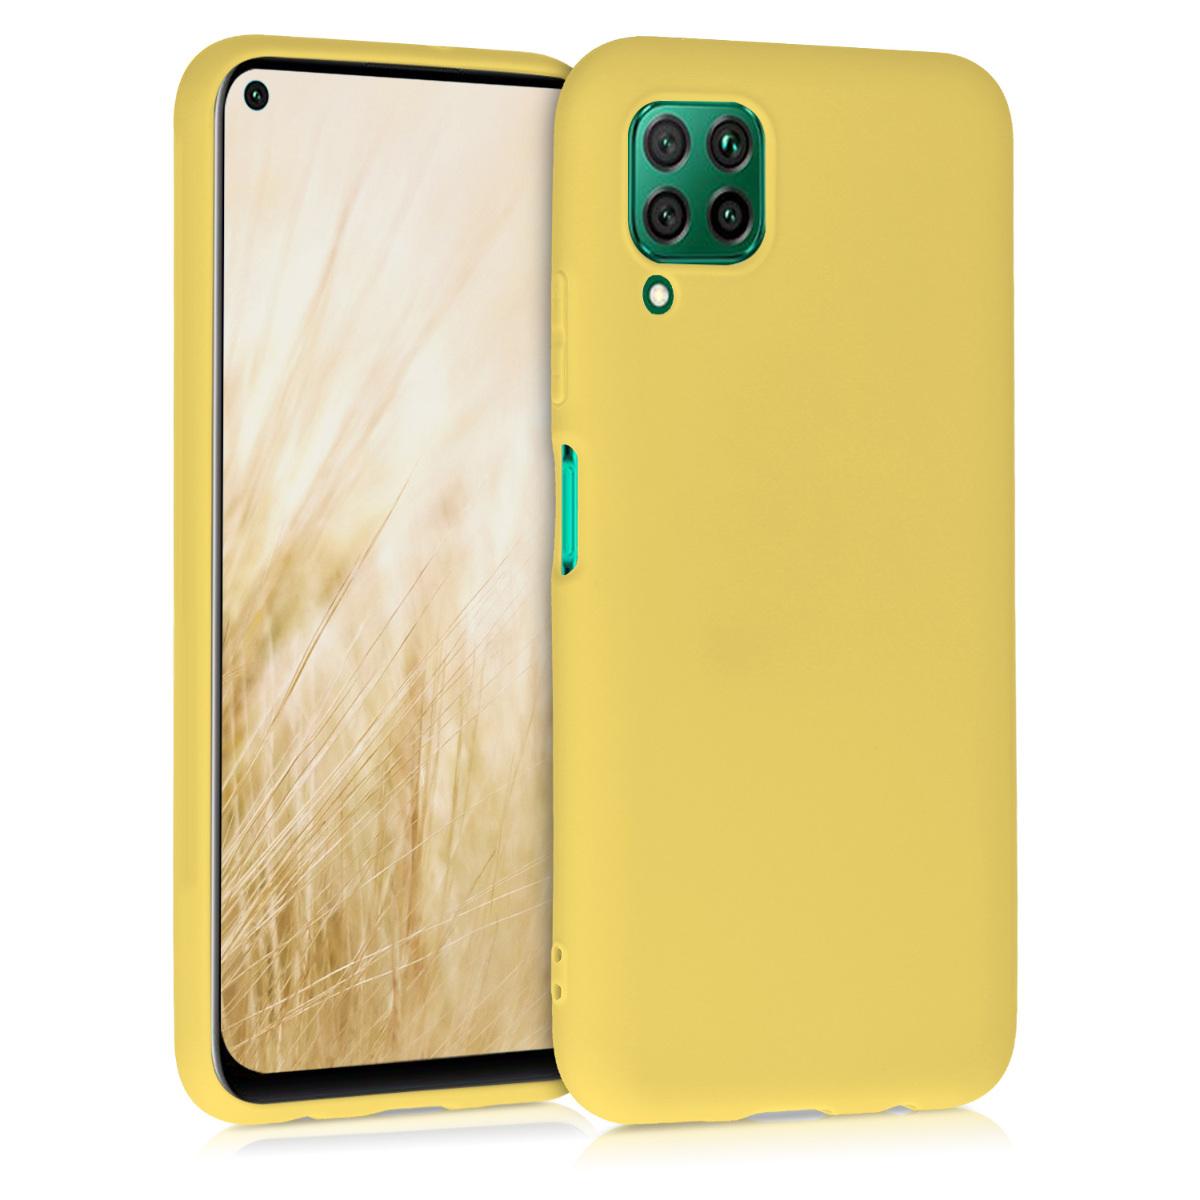 Matné žluté silikonové pouzdro / obal pro Huawei P40 Lite